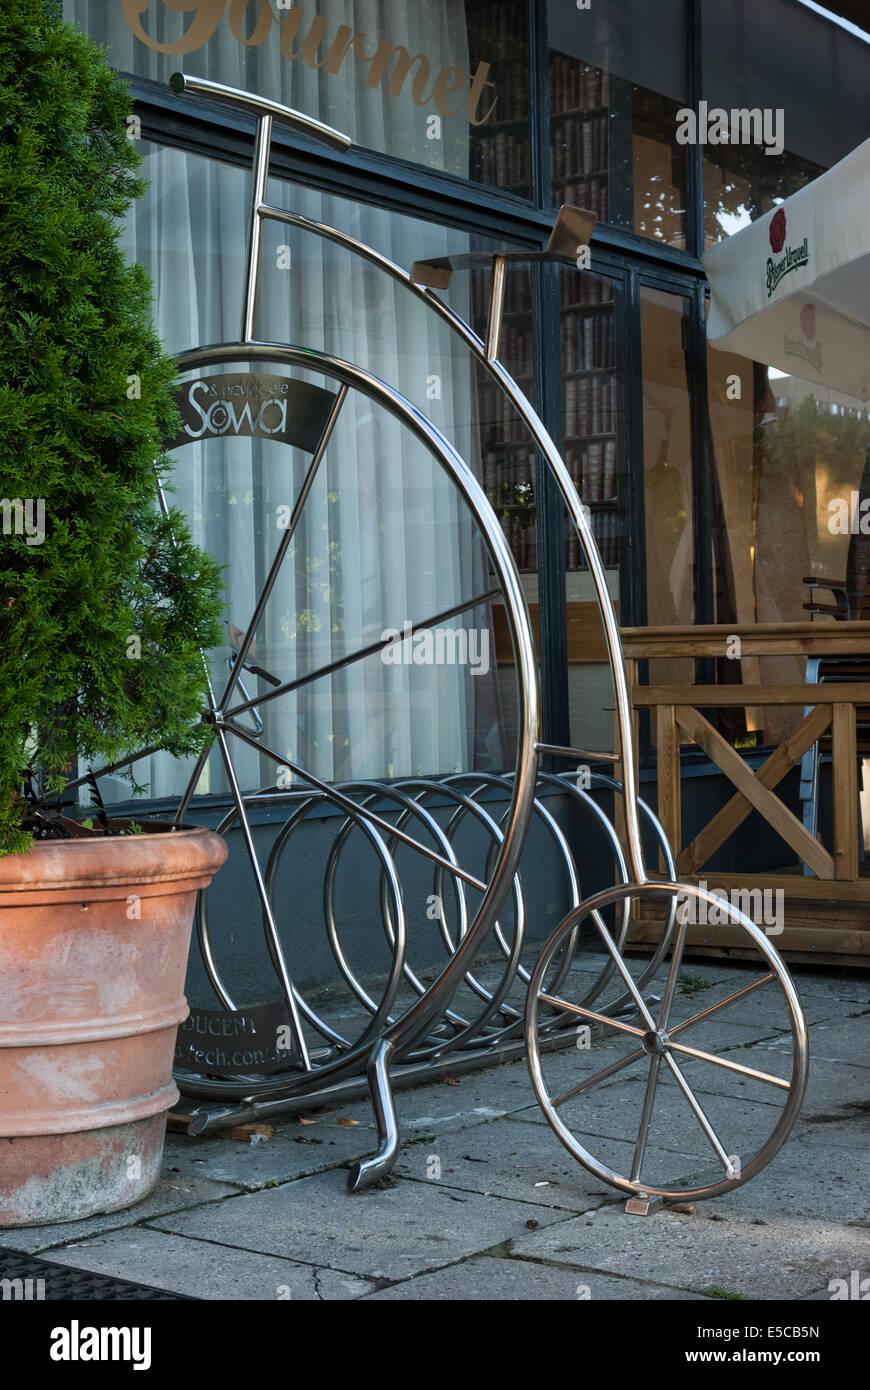 Fancy Bicycle Rack at Restauracja Sowa i Przyjaciele  (Owl and Friends Restaurant), Warsaw, Poland - Stock Image